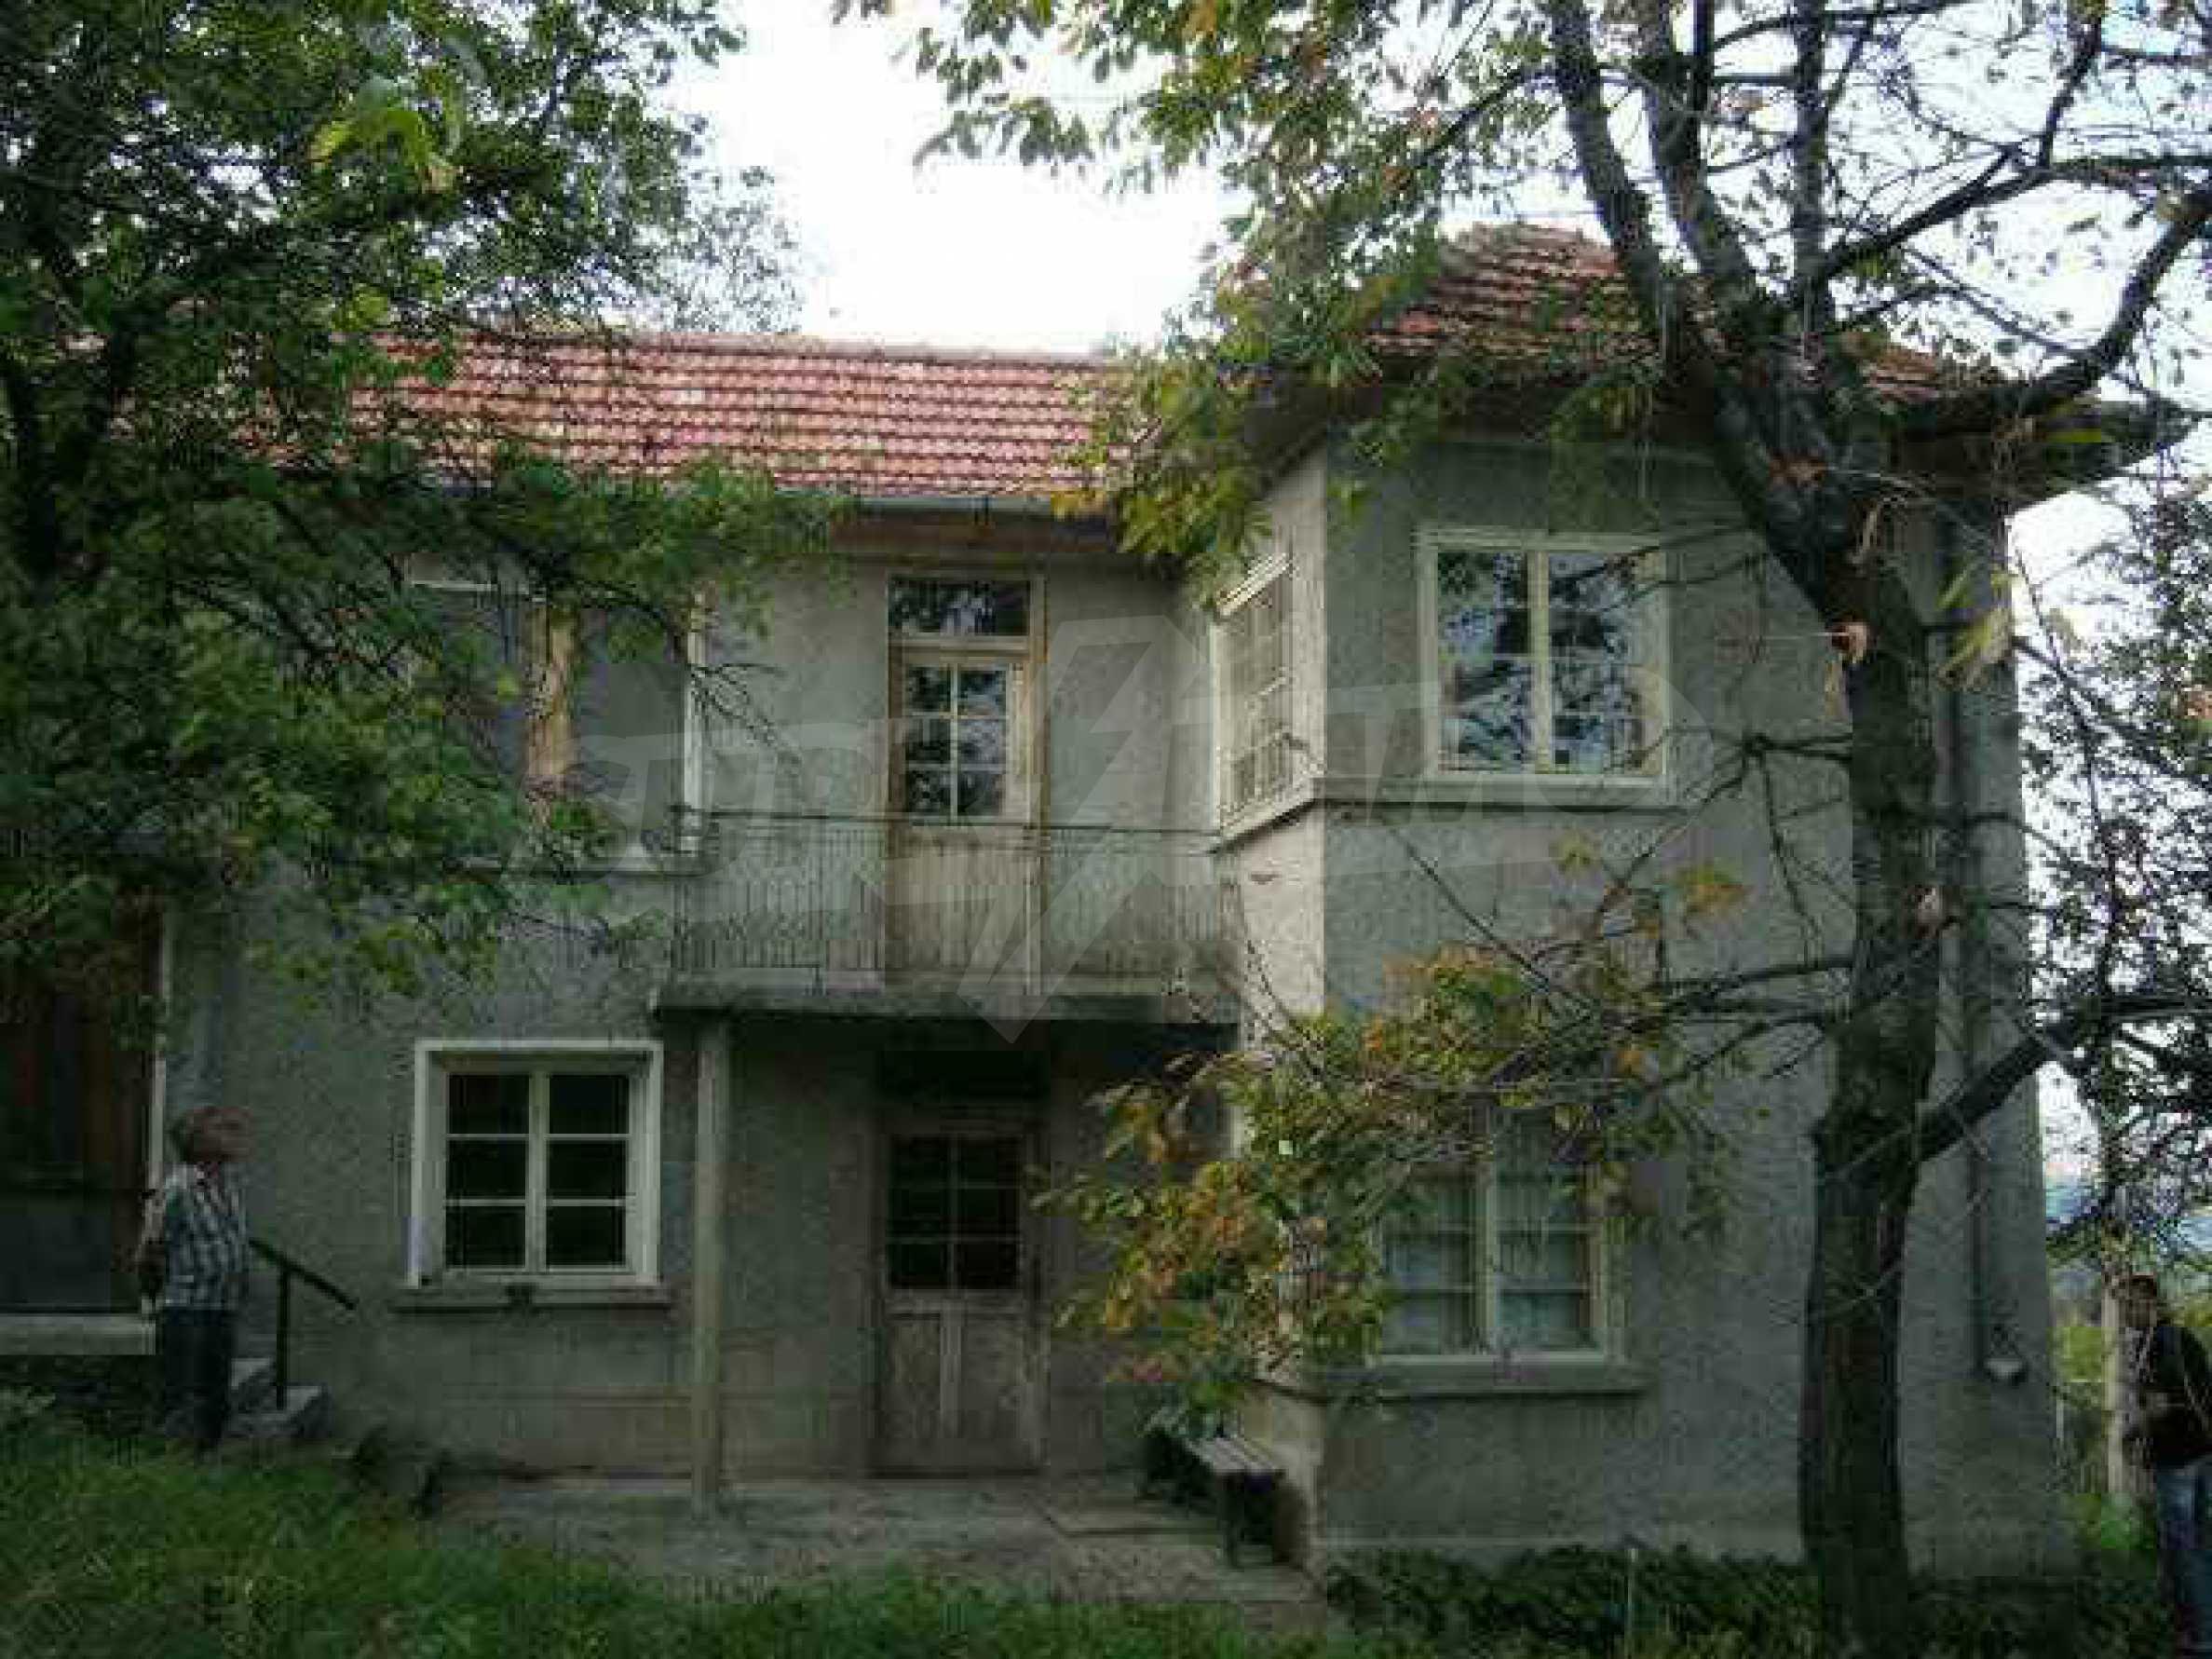 Двуетажна къща с голям двор в китно селце на 10 км. от град Габрово